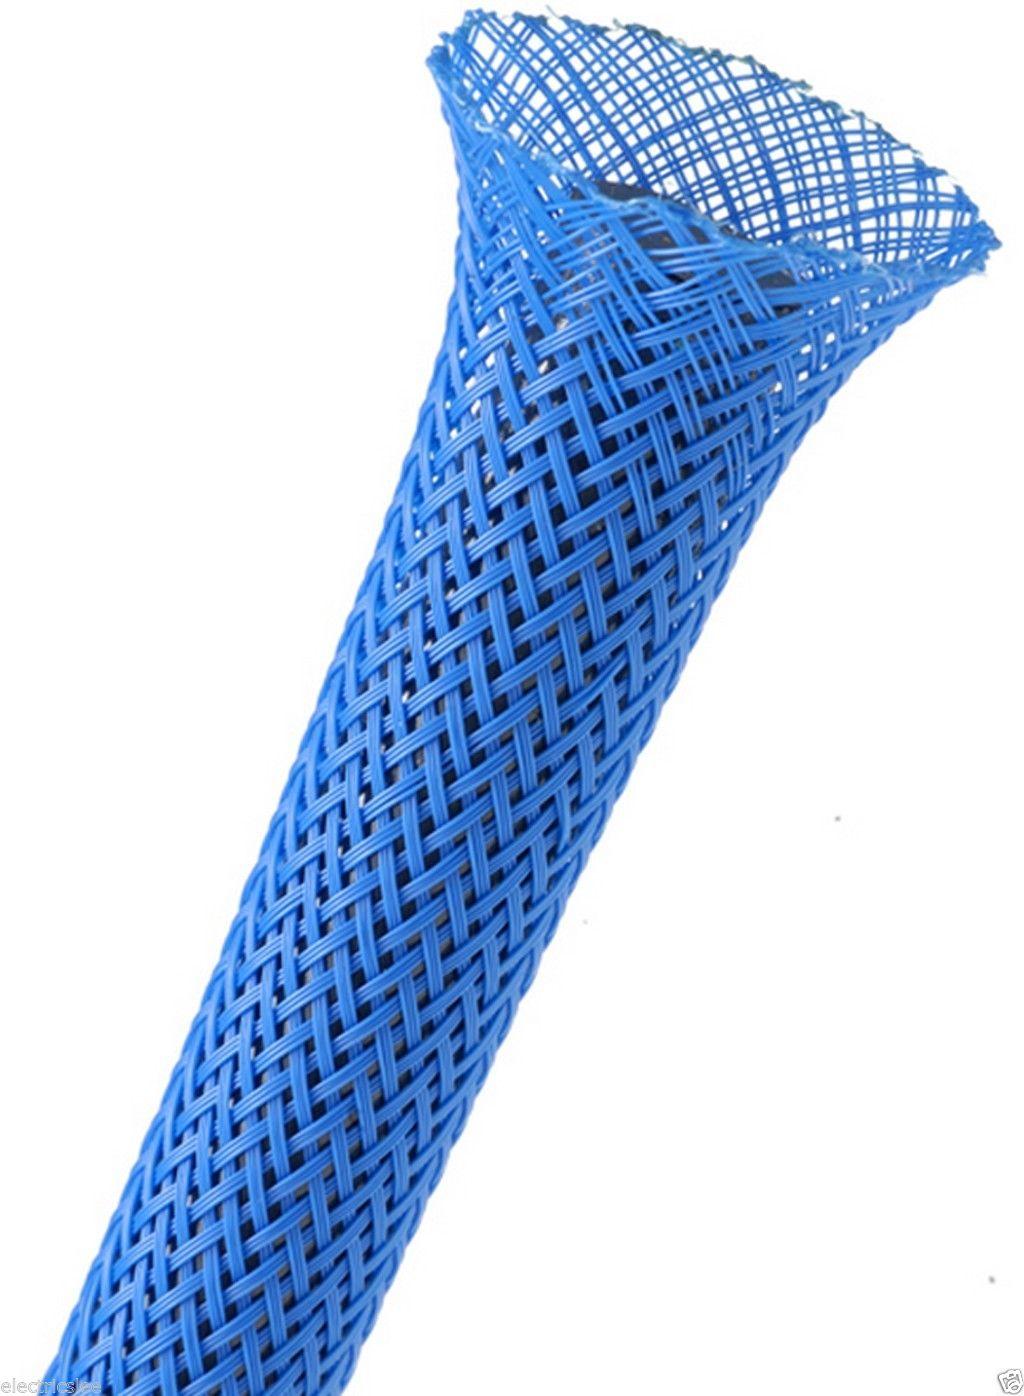 Afbeelding van Techflex Flexo Pet sleeving 6,4 mm blauw